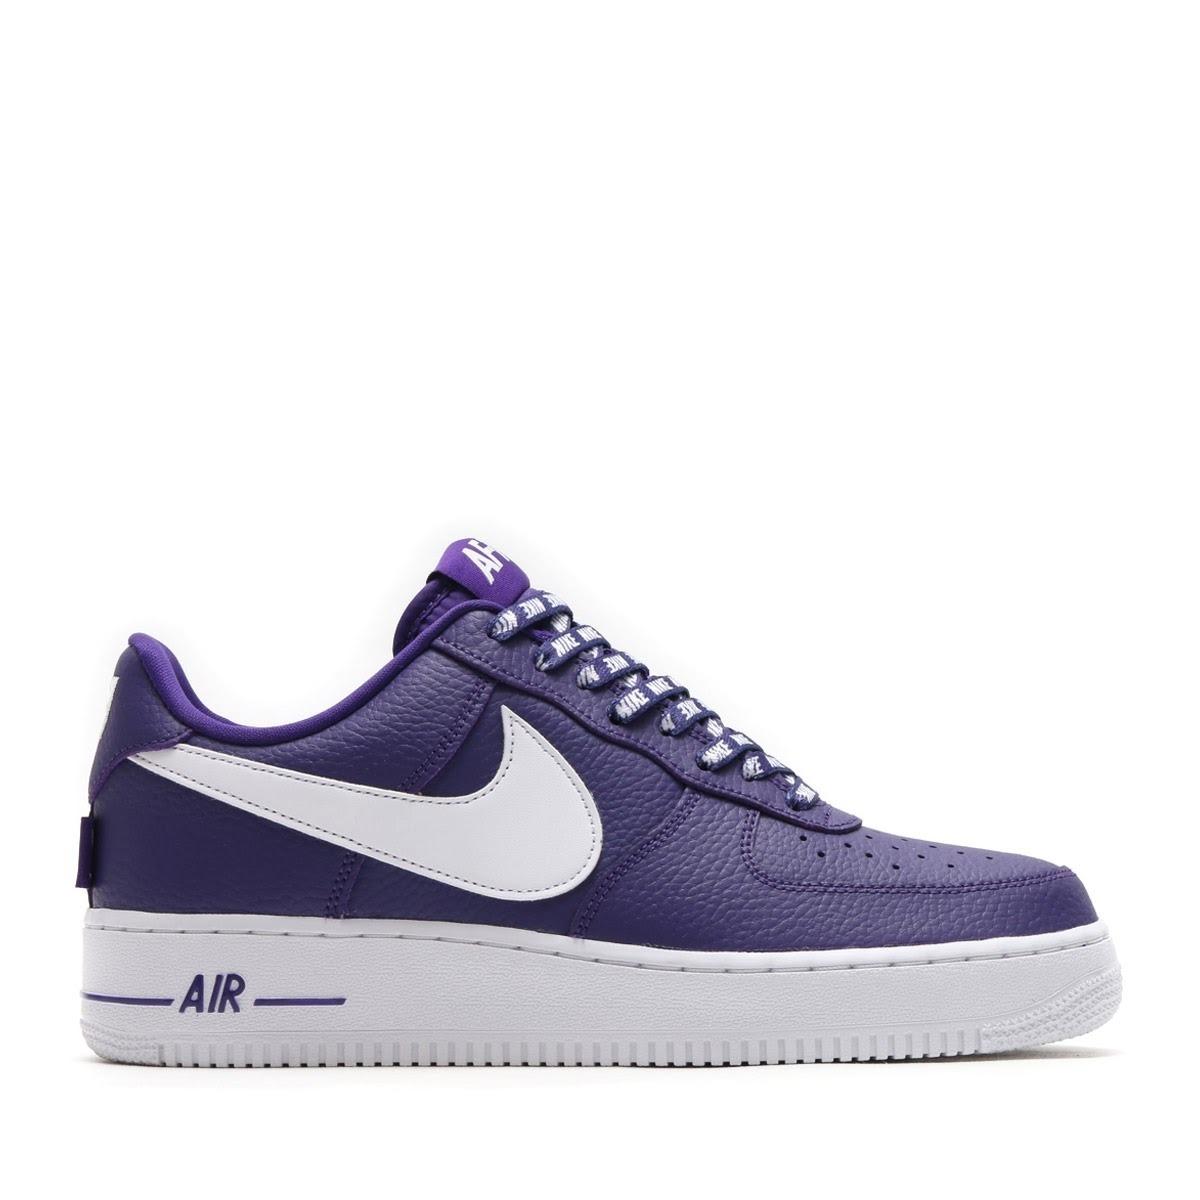 Zapatillas Nike Air Force 1  '07 Lv8 Purple Hombre  1 00 en 6ecc26